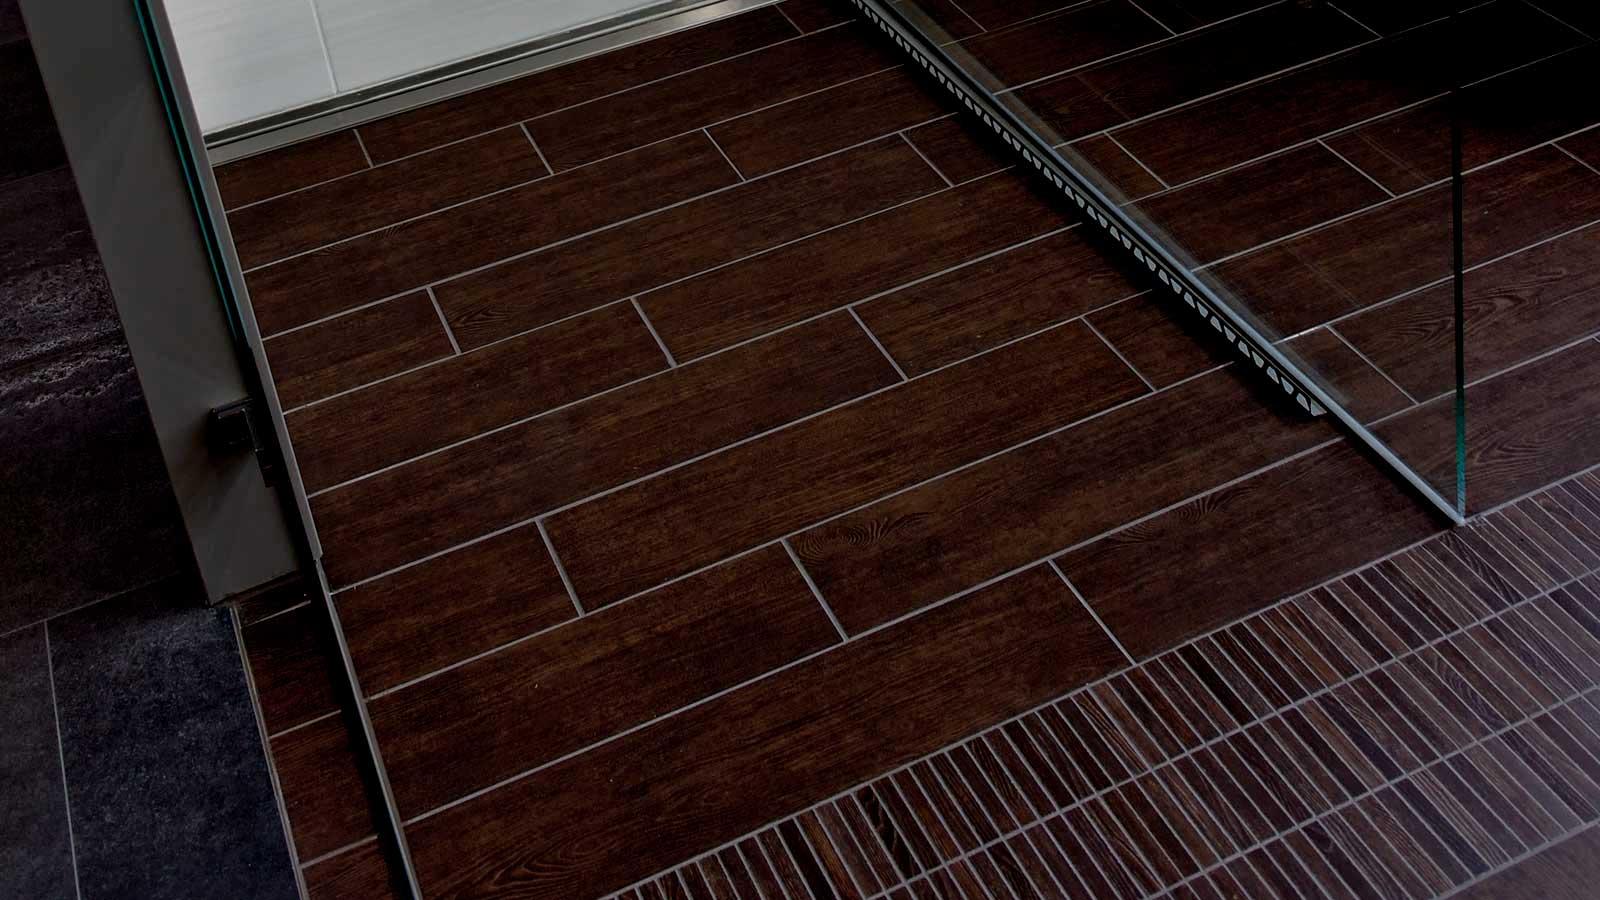 Fußboden Fliesen Für Dusche ~ Moderne badgestaltungsideen mit fliesen